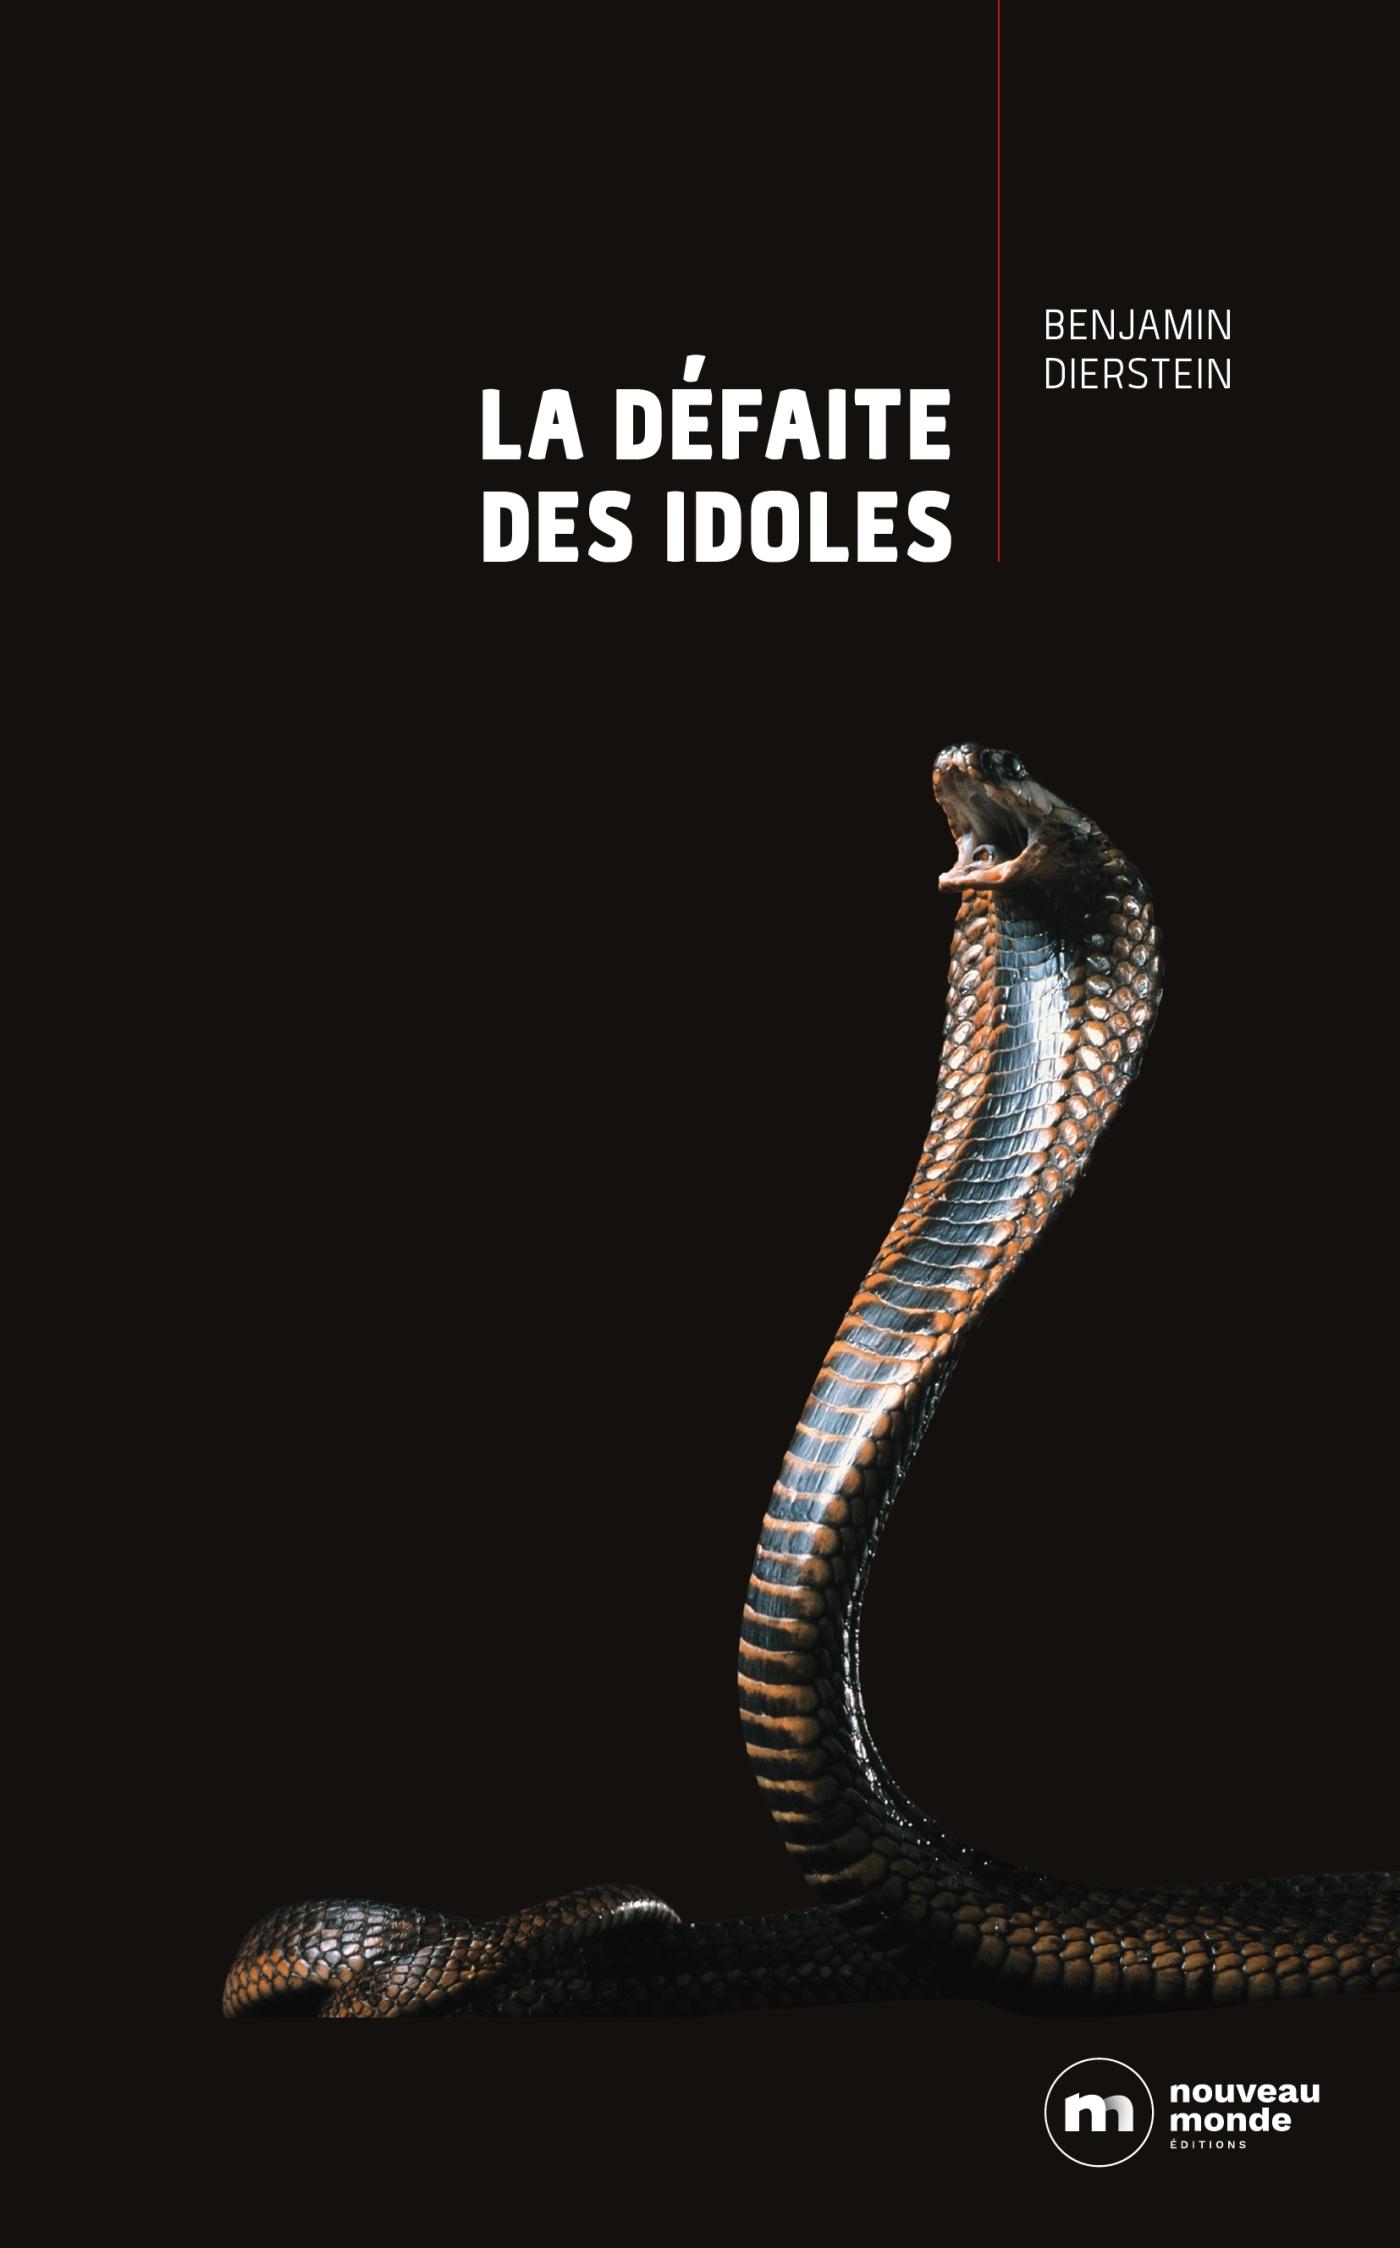 LA DEFAITE DES IDOLES